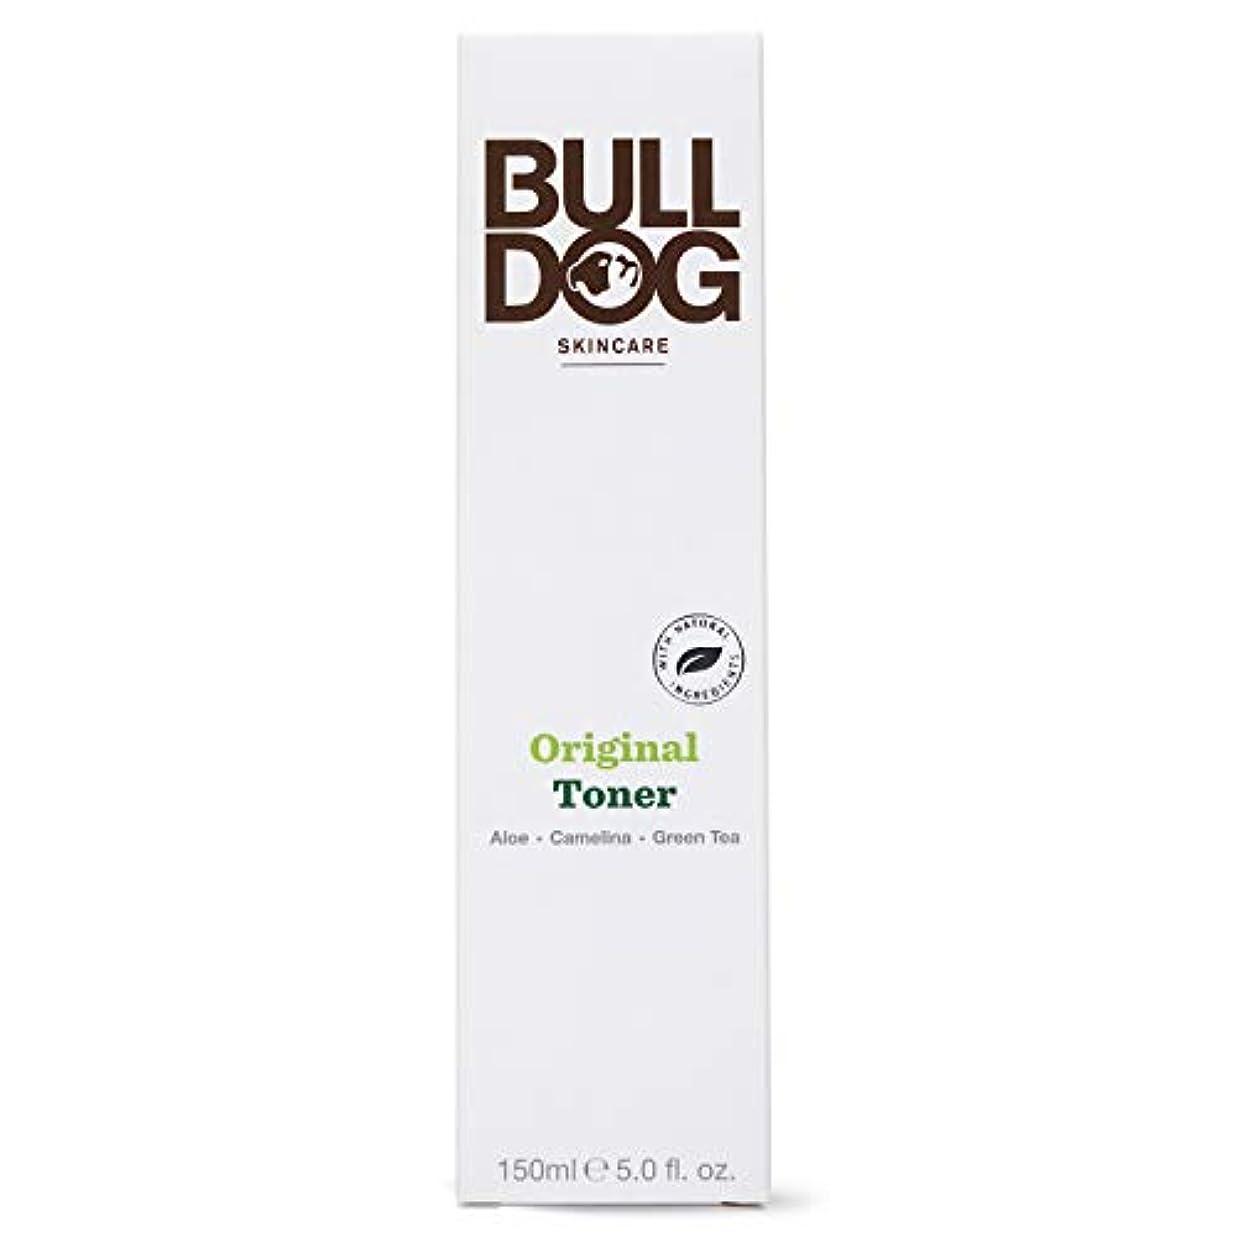 嬉しいですテーブル抵当Bulldog(ブルドッグ) ブルドッグ Bulldog オリジナル トナー 化粧水 150ml 肌をすっきり なめらかに